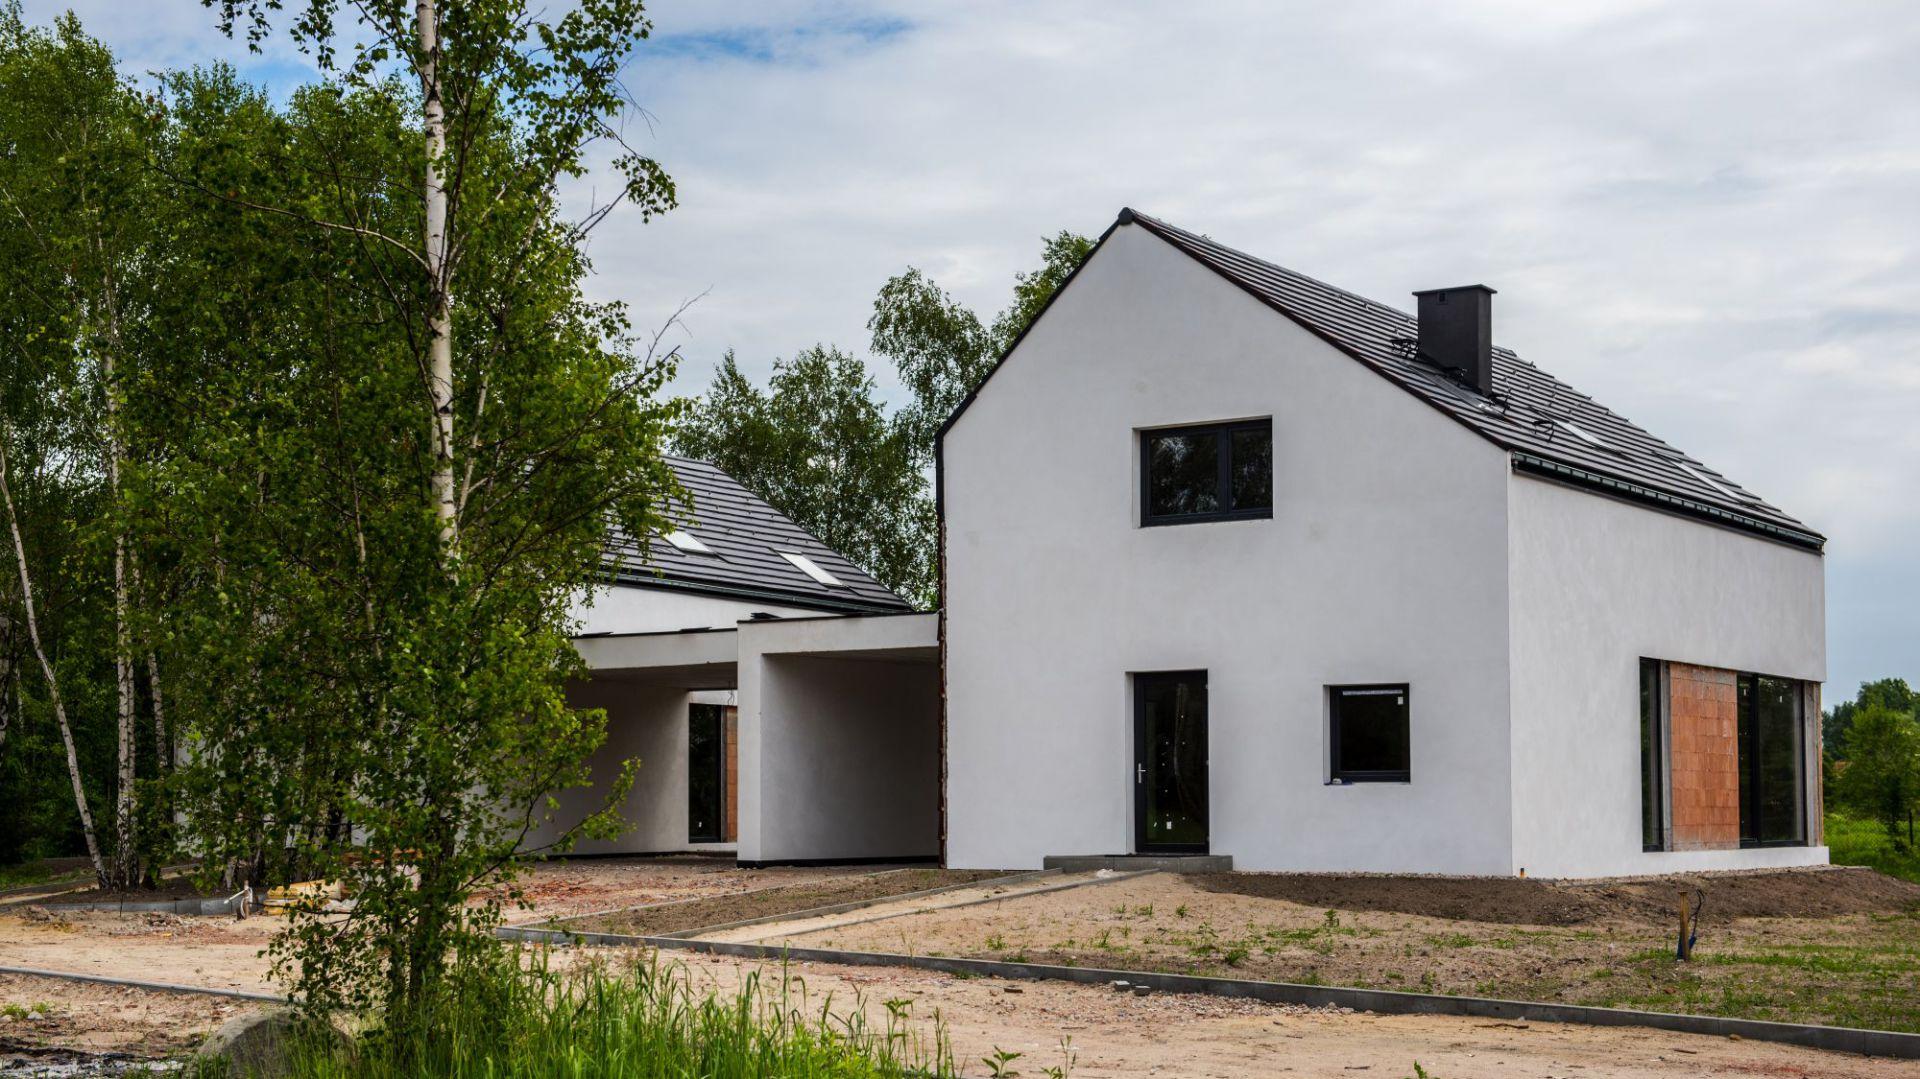 Dom energooszczędny zbudowany  pod Warszawą. Fot. Wienerberger